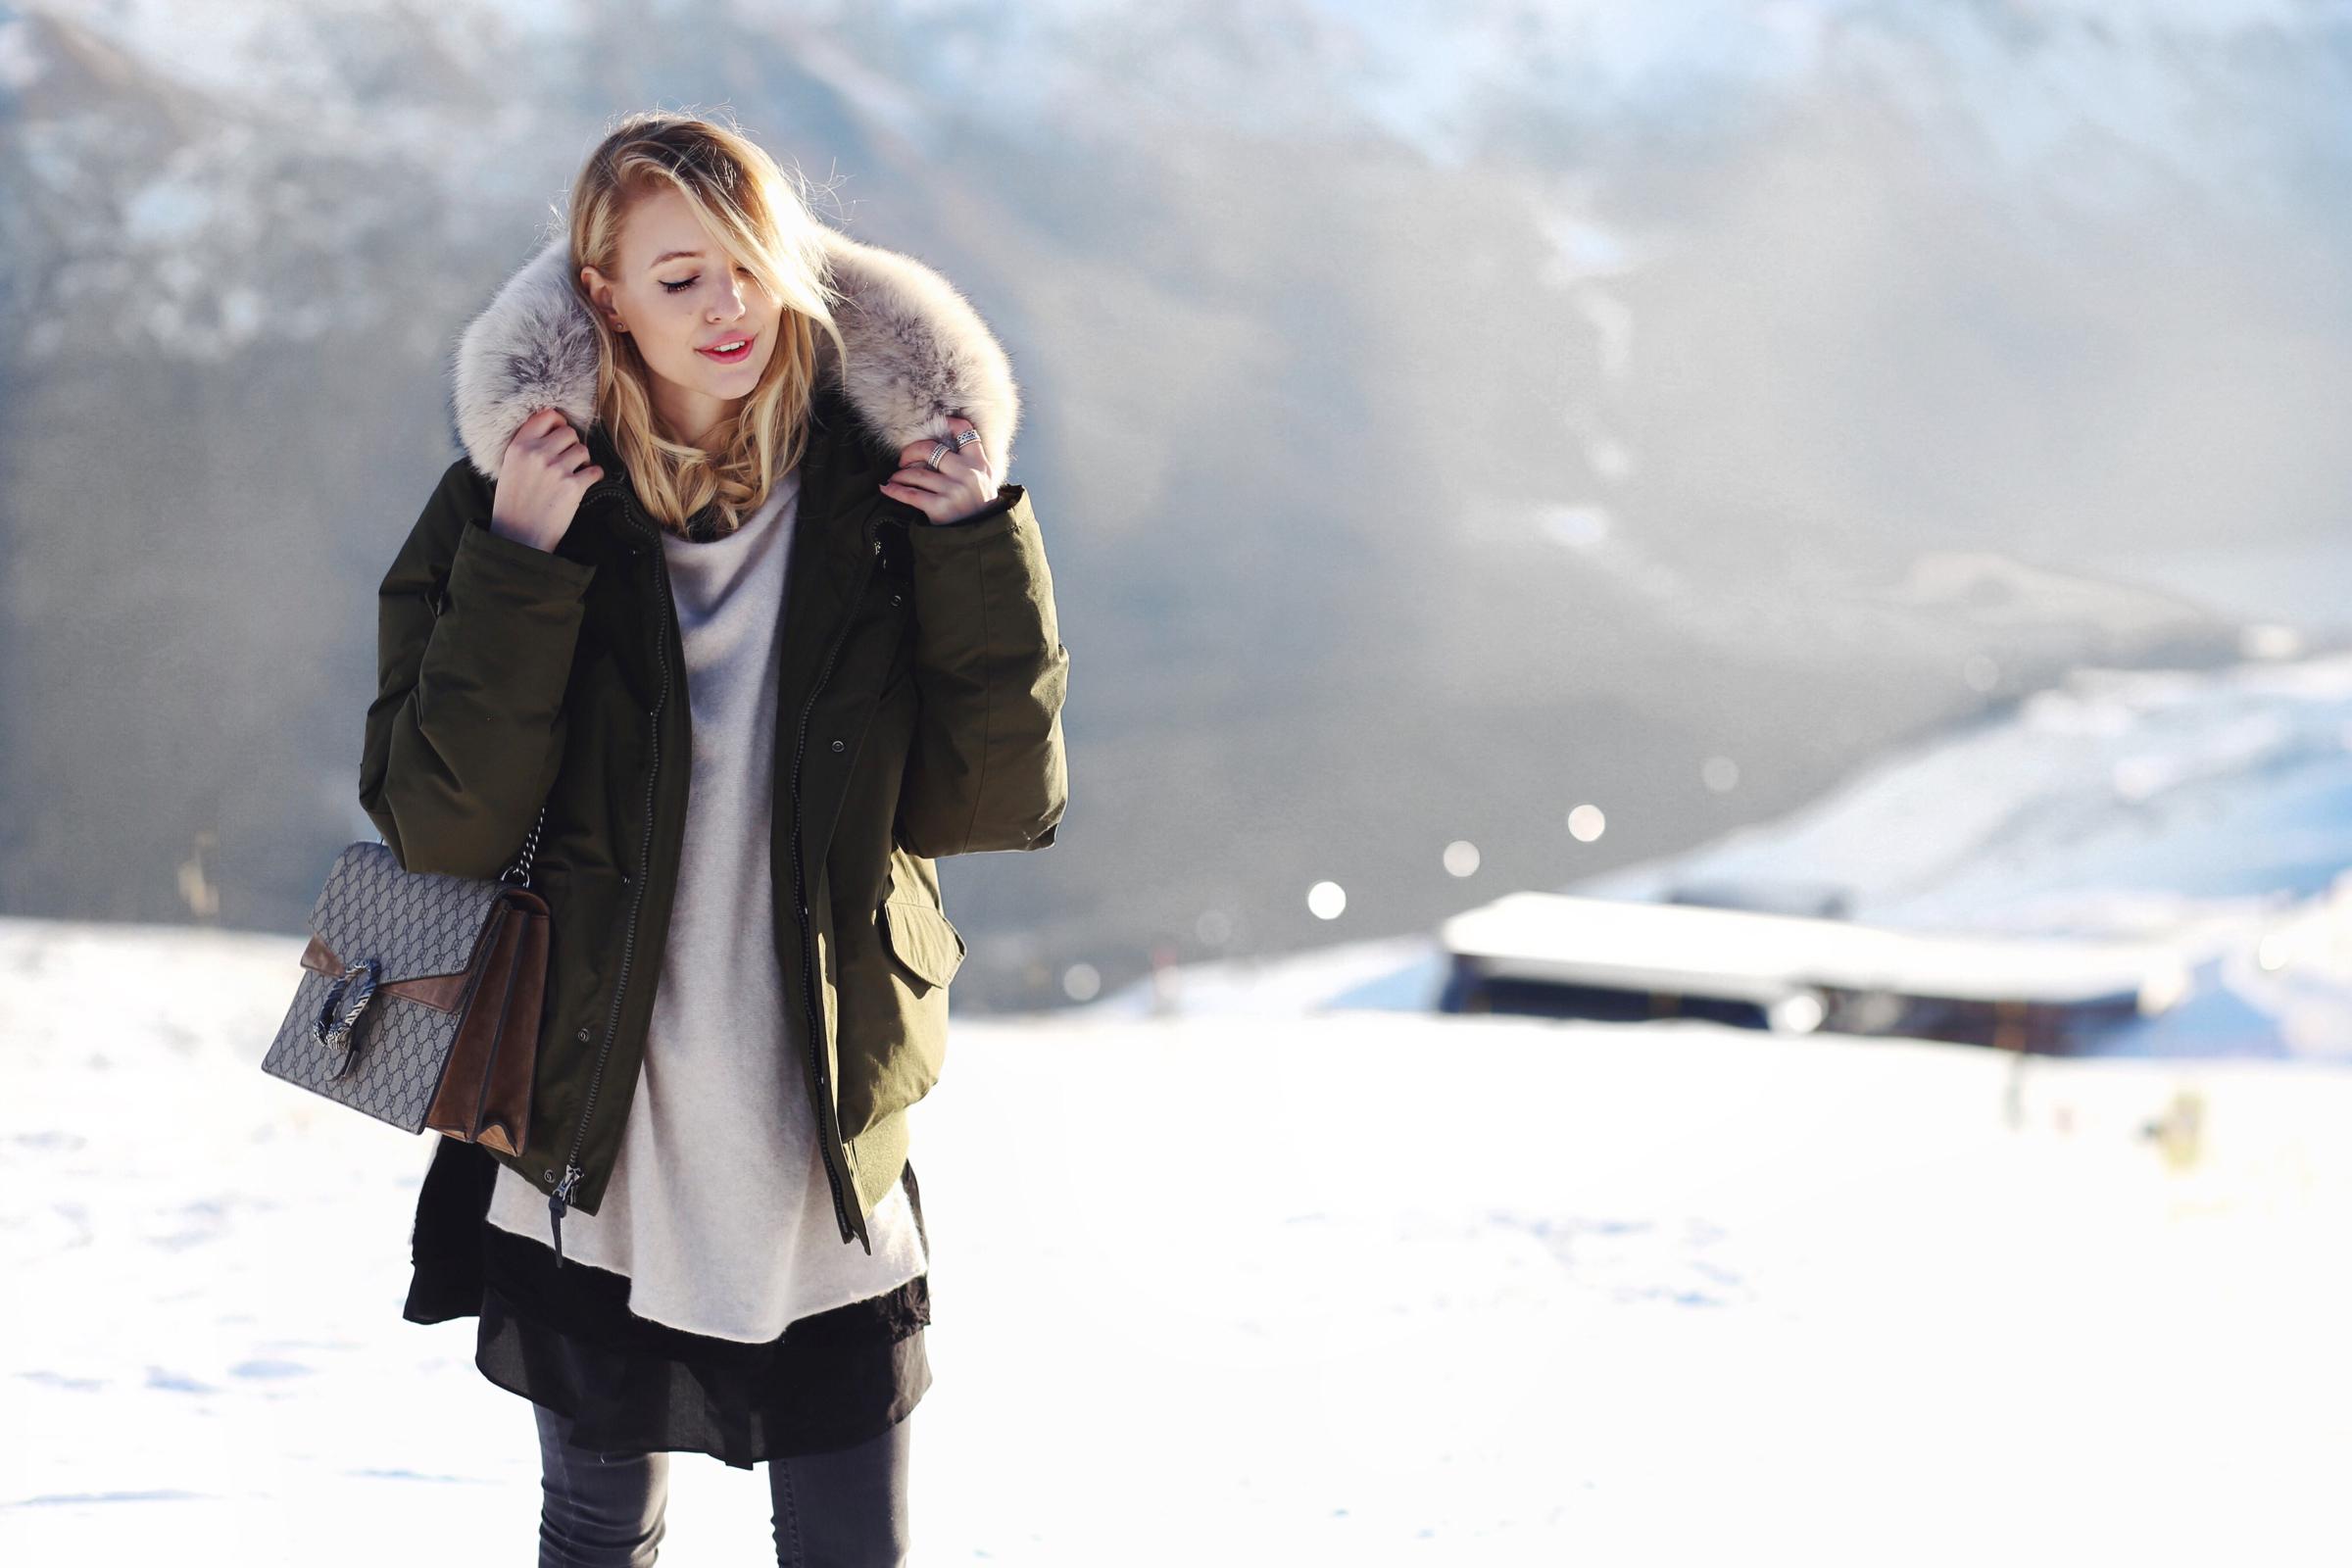 In the mountains, Corviglia | St. Moritz